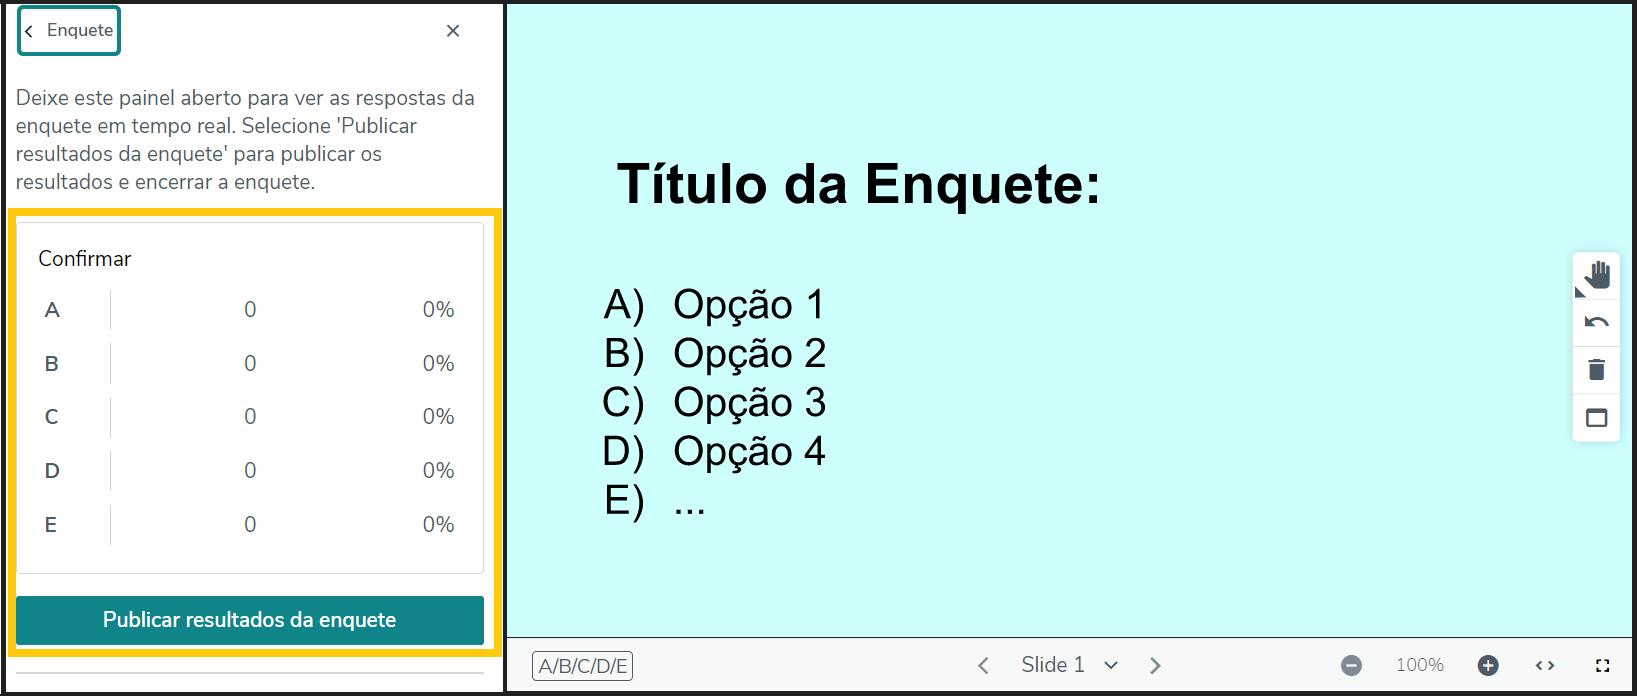 Enquete_Imagem2.png